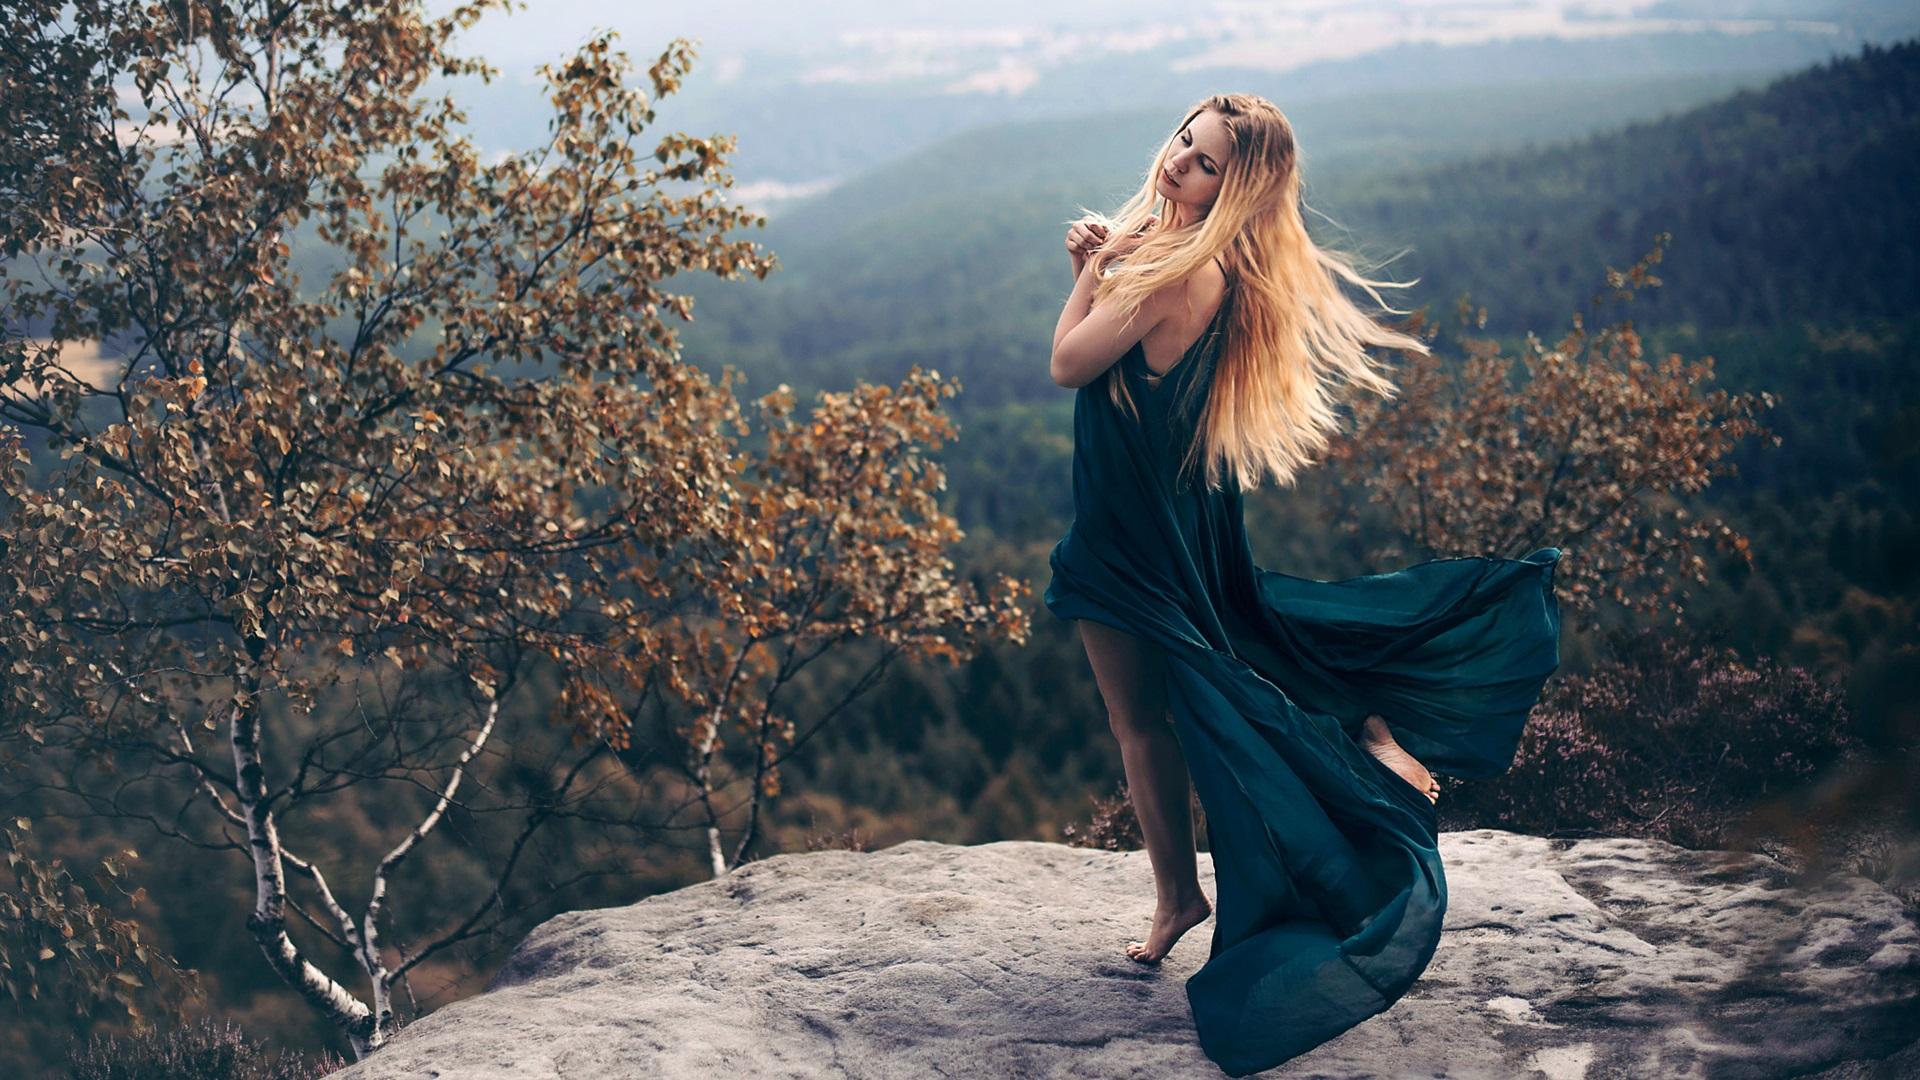 девушка платье лес березки без регистрации